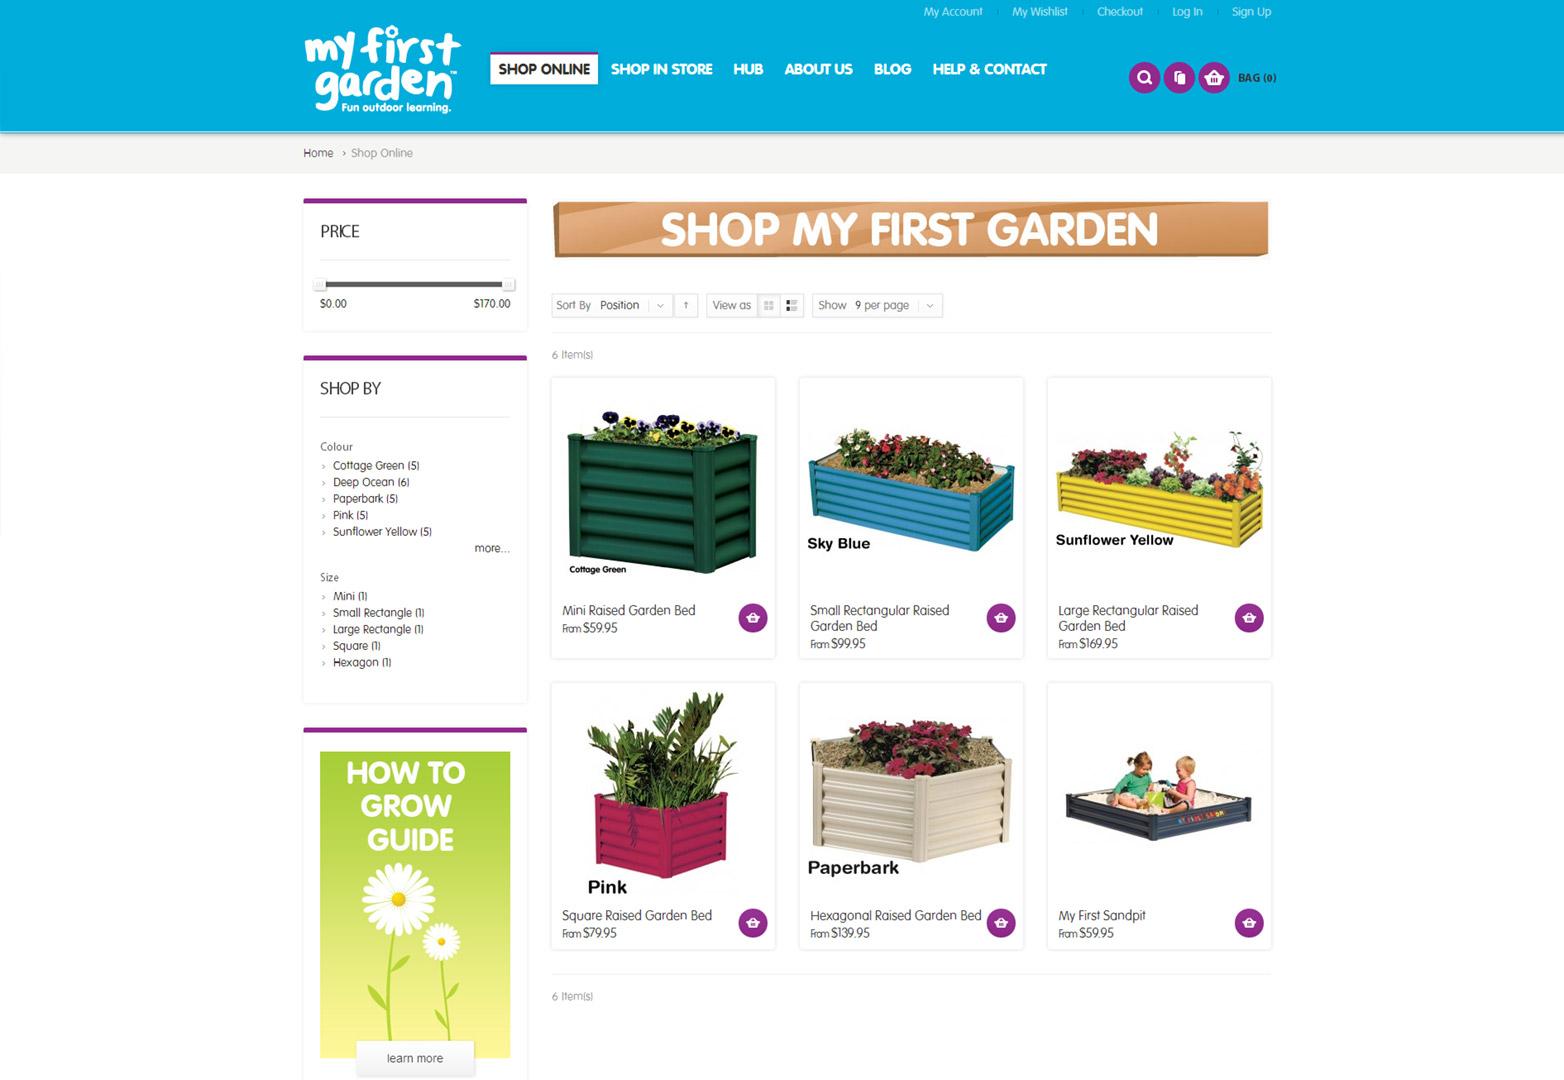 My First Garden shop online page